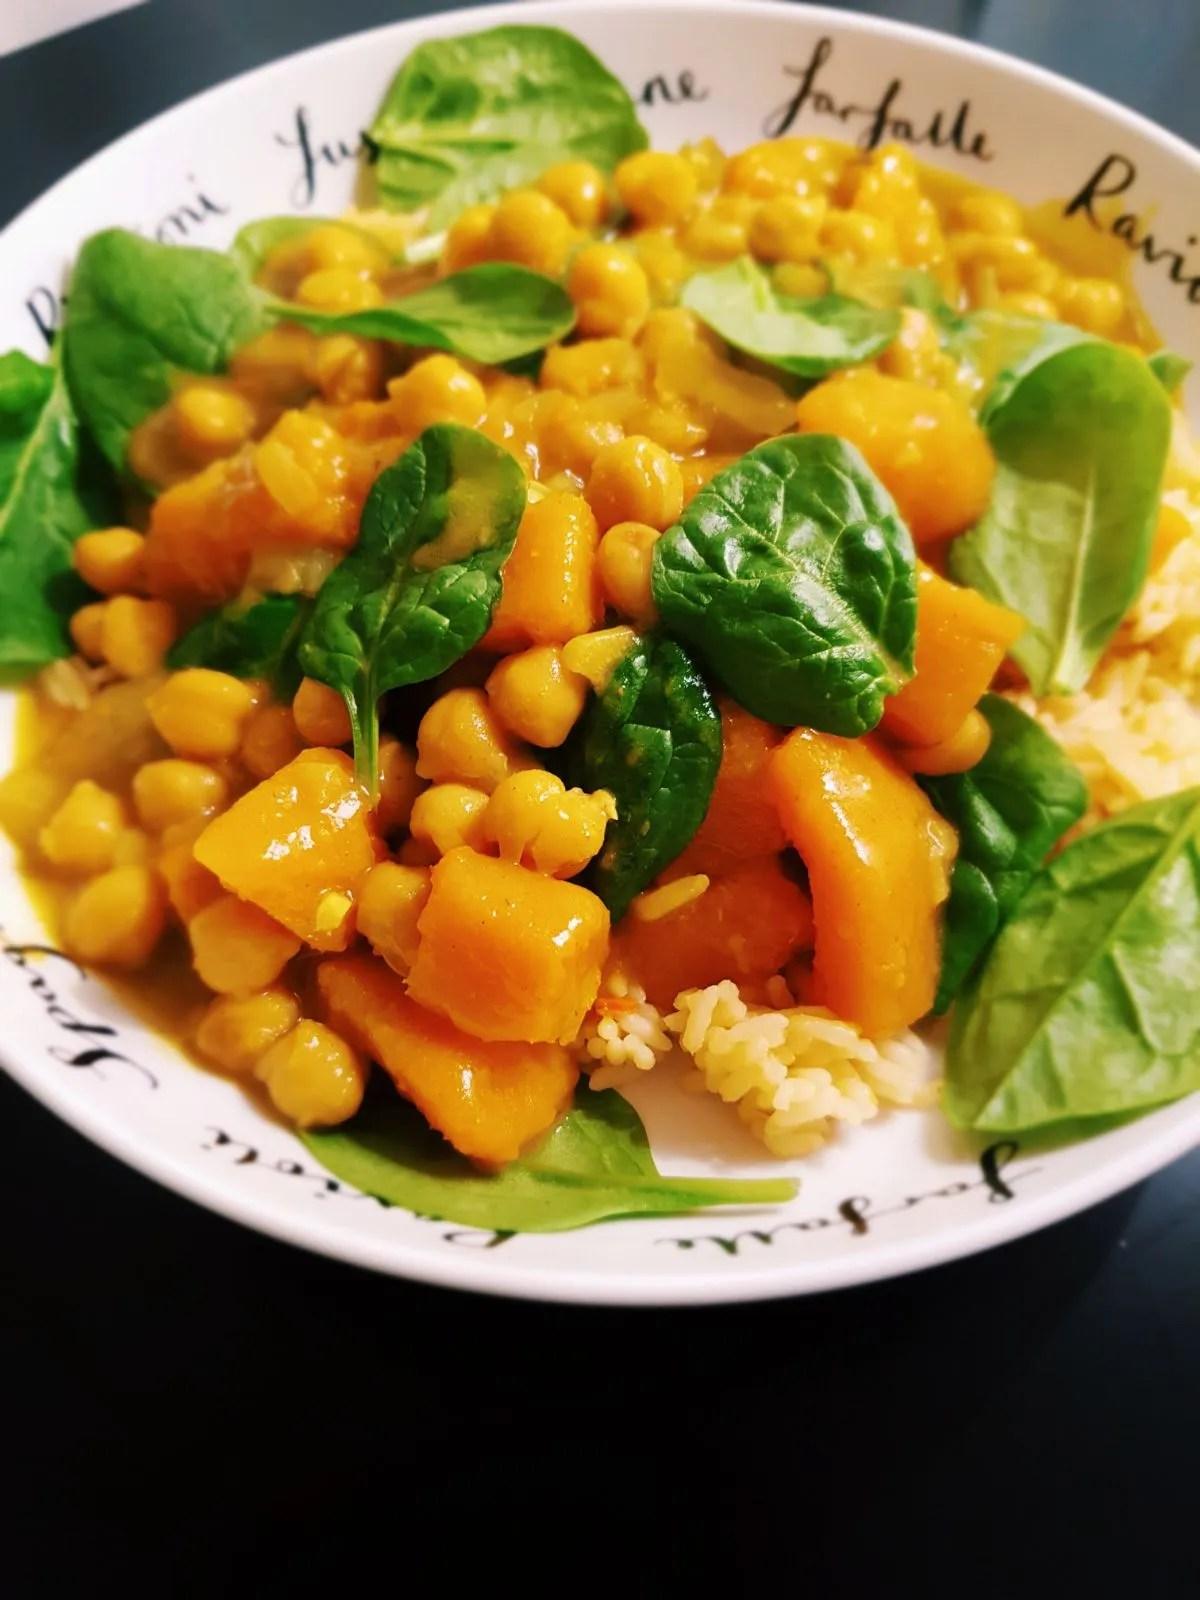 eat vegan lucy watson feed me vegan